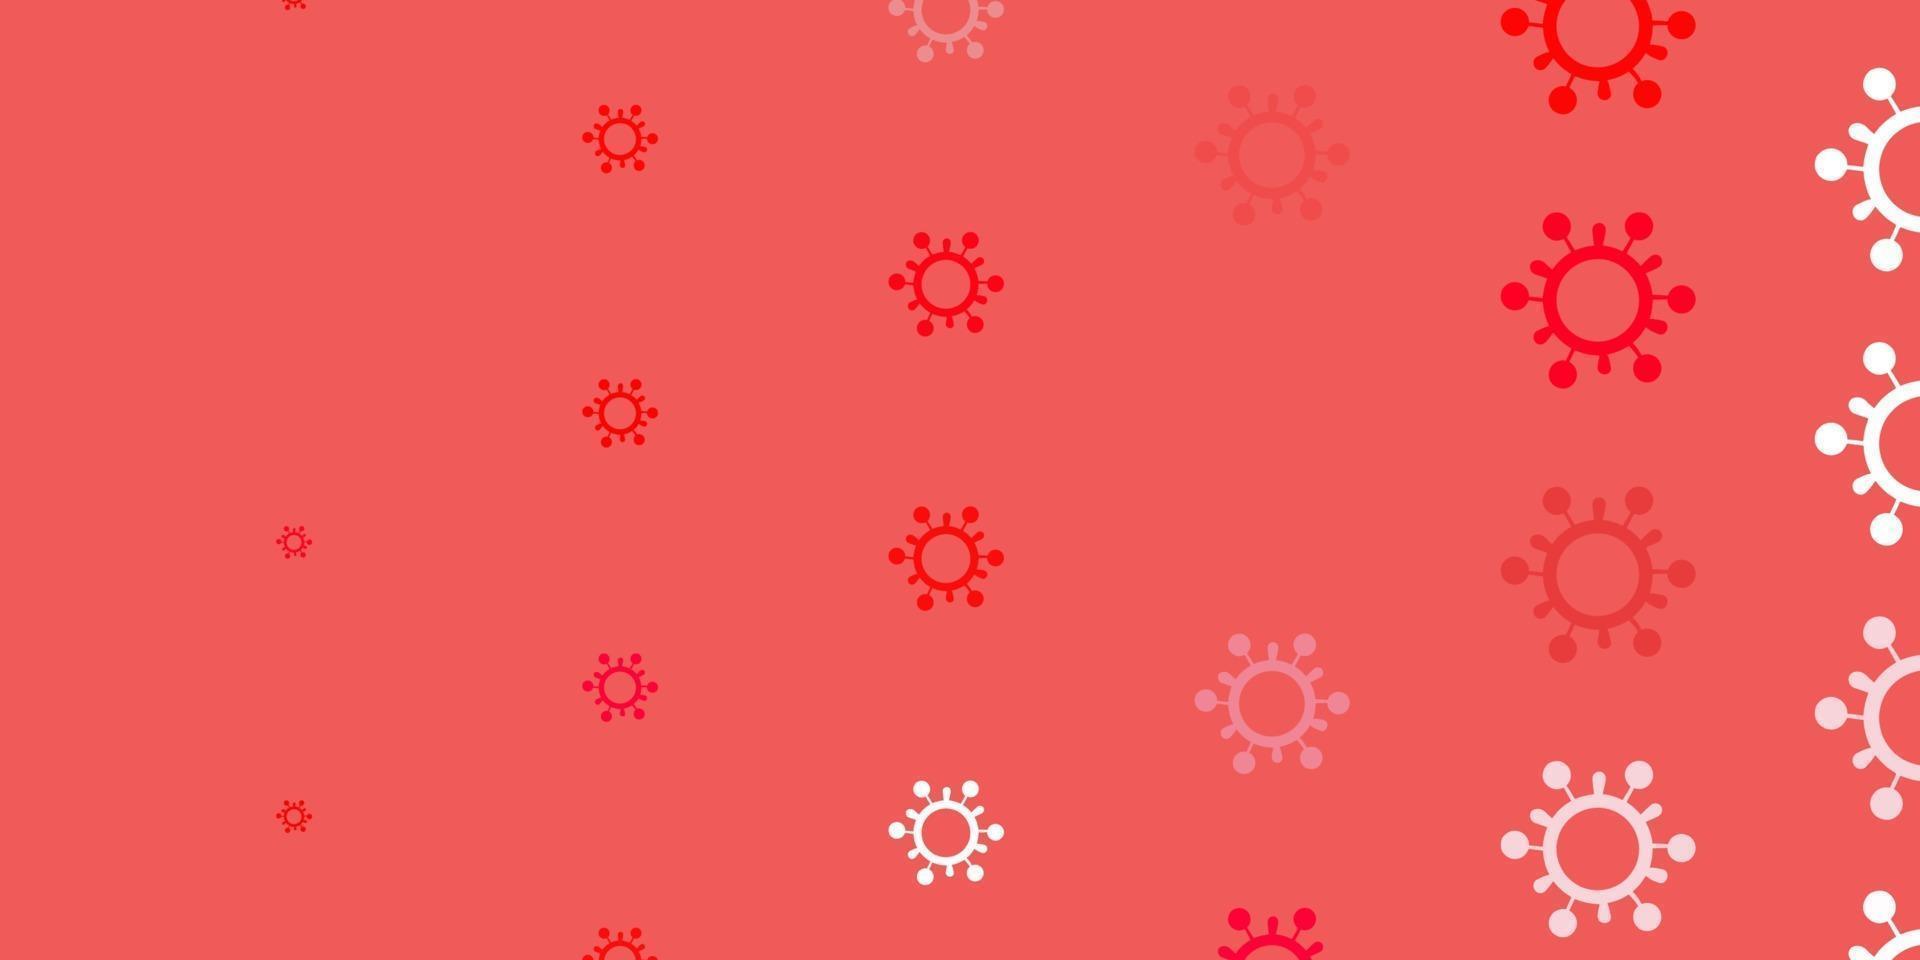 lichtroze, rode vectorachtergrond met covid-19 symbolen. vector